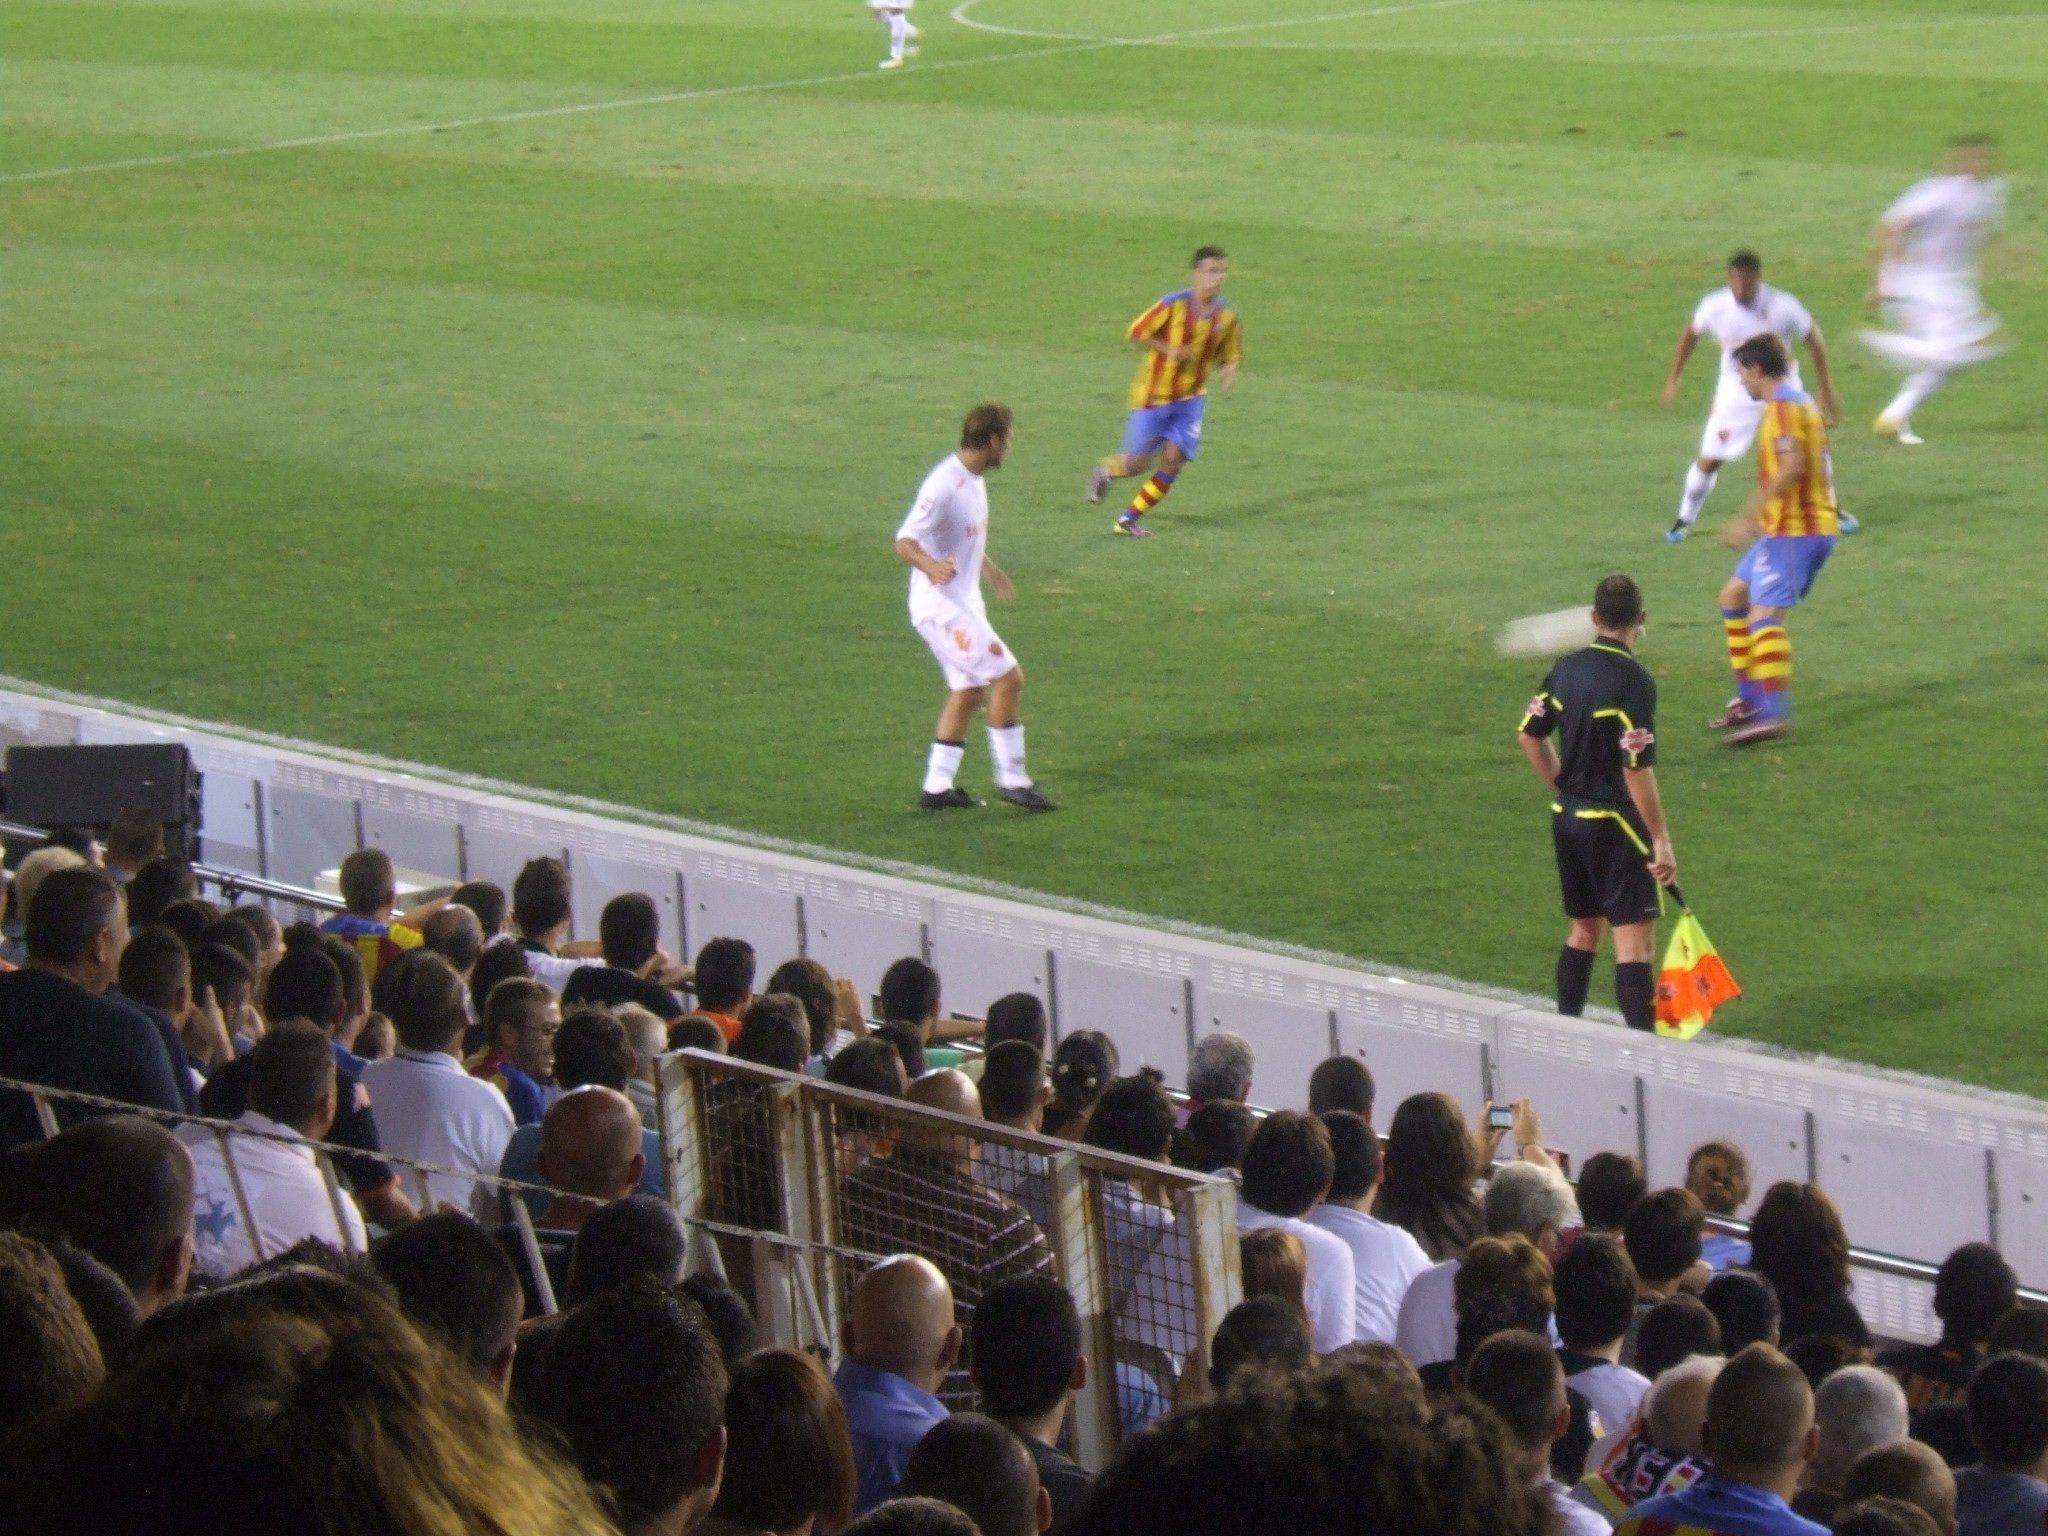 Fudbalski stadion u Španiji